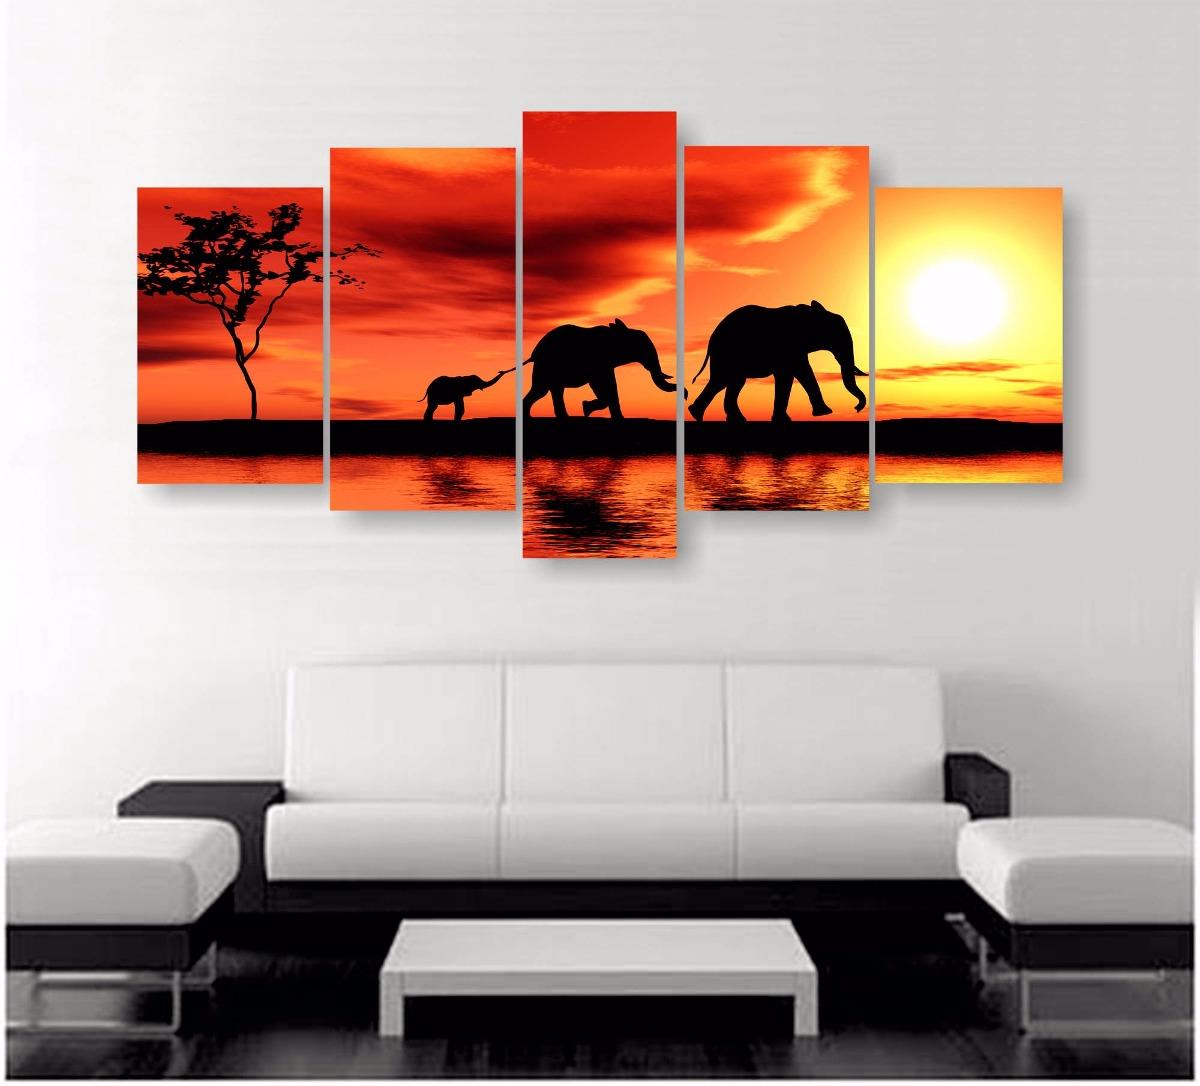 Cuadros decorativos moderno de 5 secciones 170x80cm for Imagenes de cuadros modernos